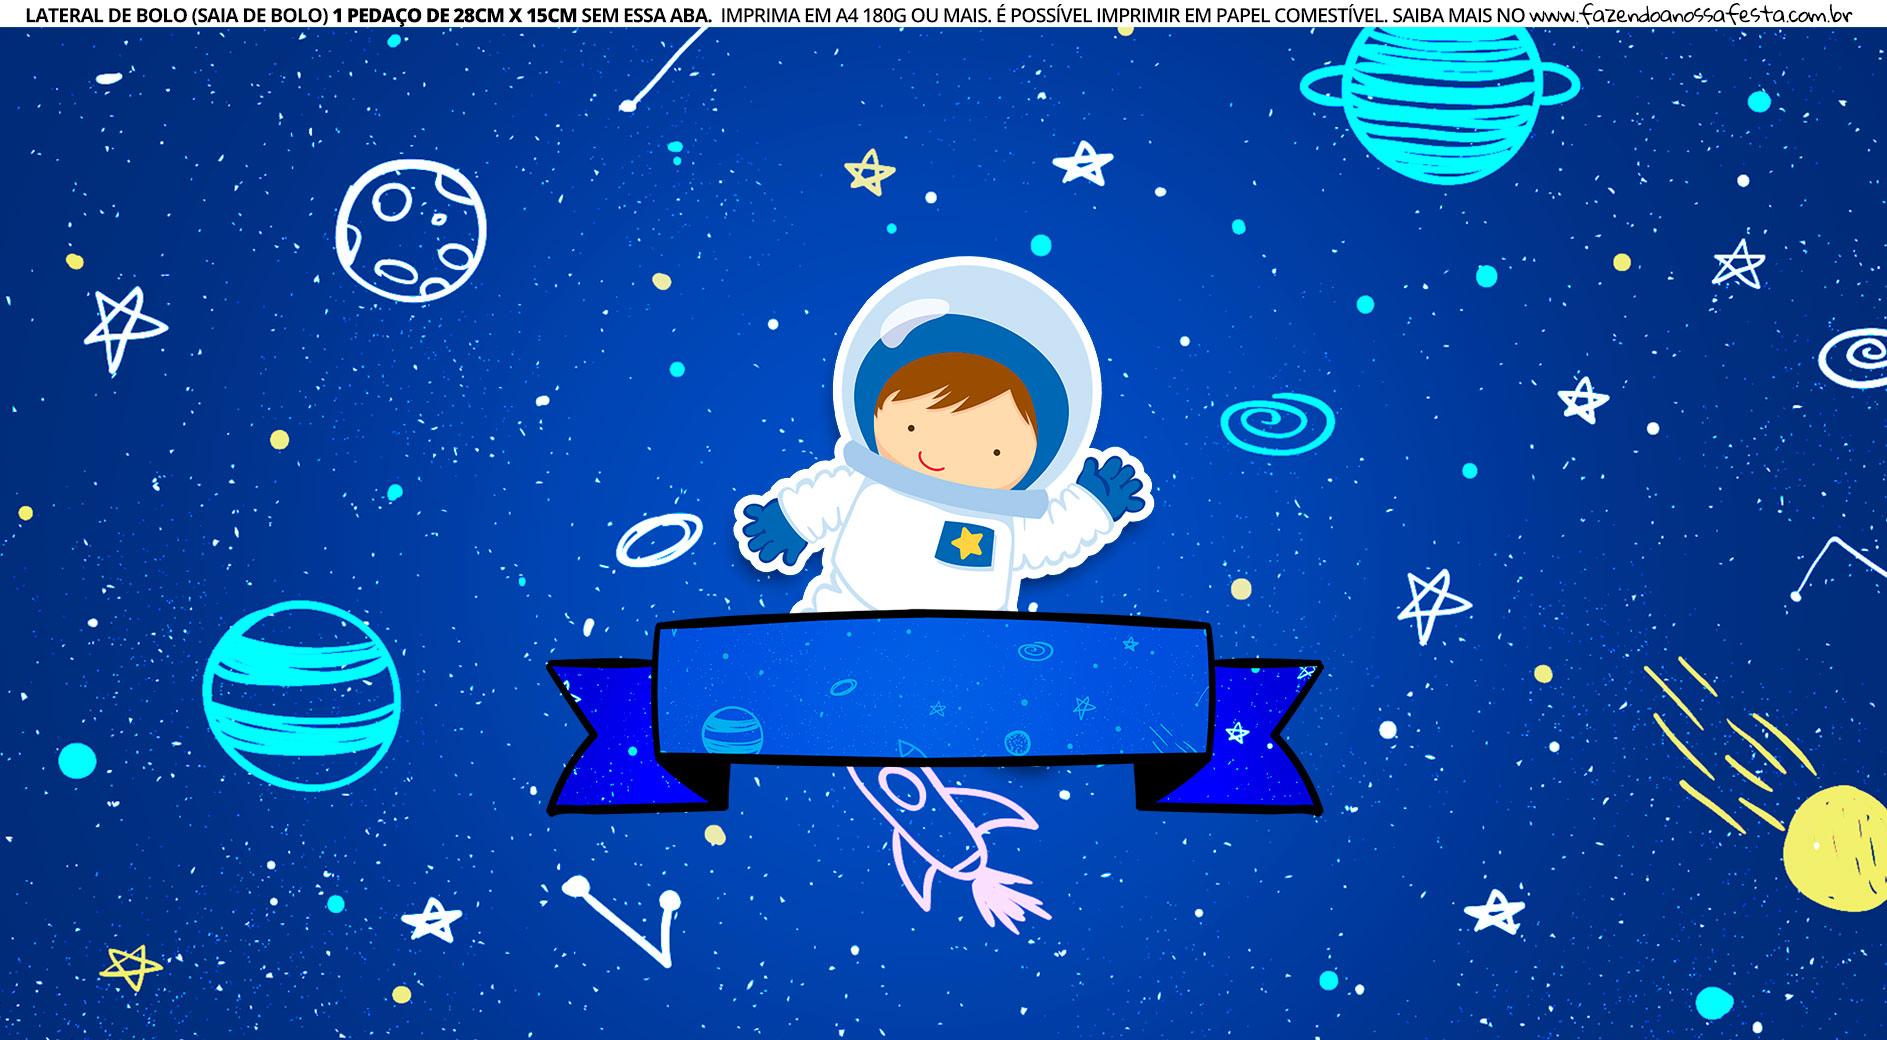 Faixa Lateral de Bolo Astronauta